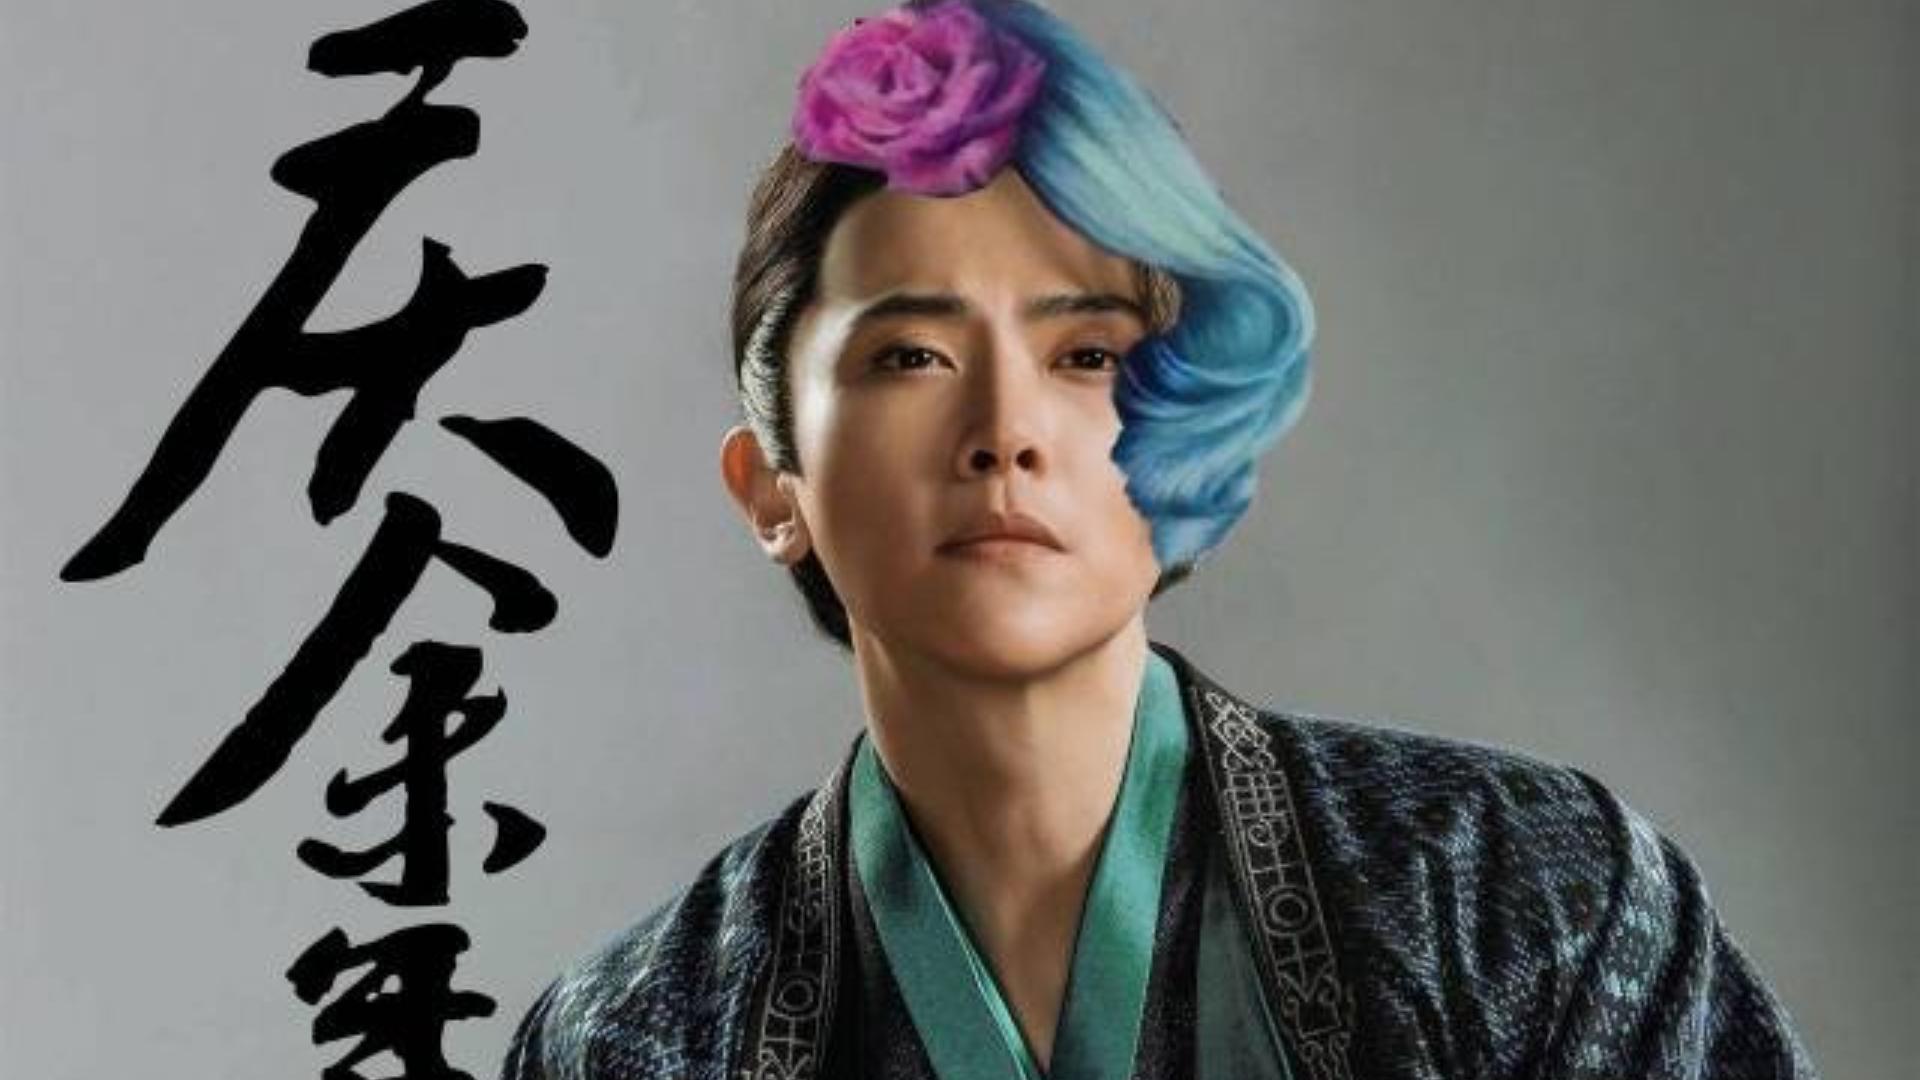 【庆余年】二皇子,一块不甘心的磨刀石